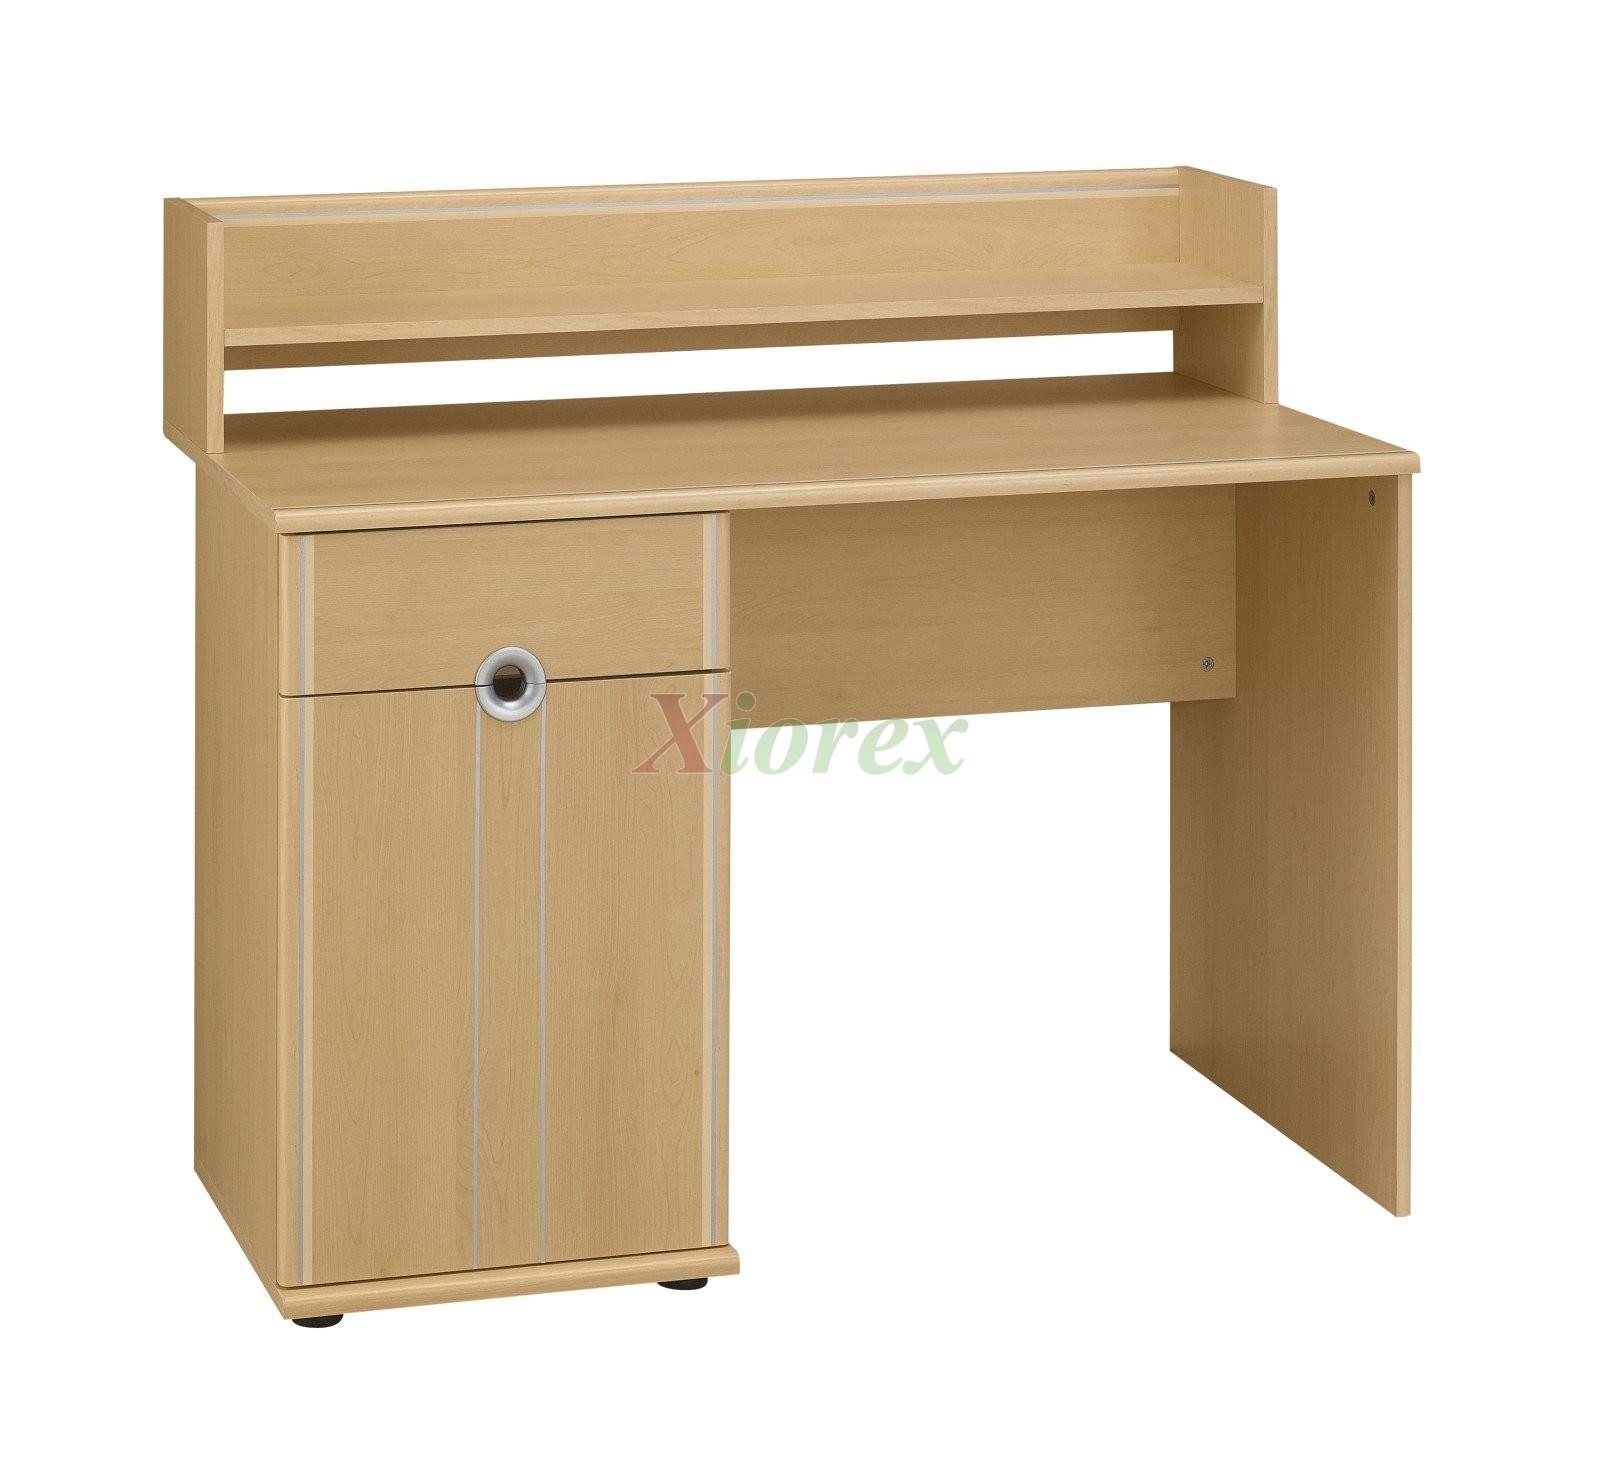 gami bed set online gami s cool bed sets online xiorex. Black Bedroom Furniture Sets. Home Design Ideas